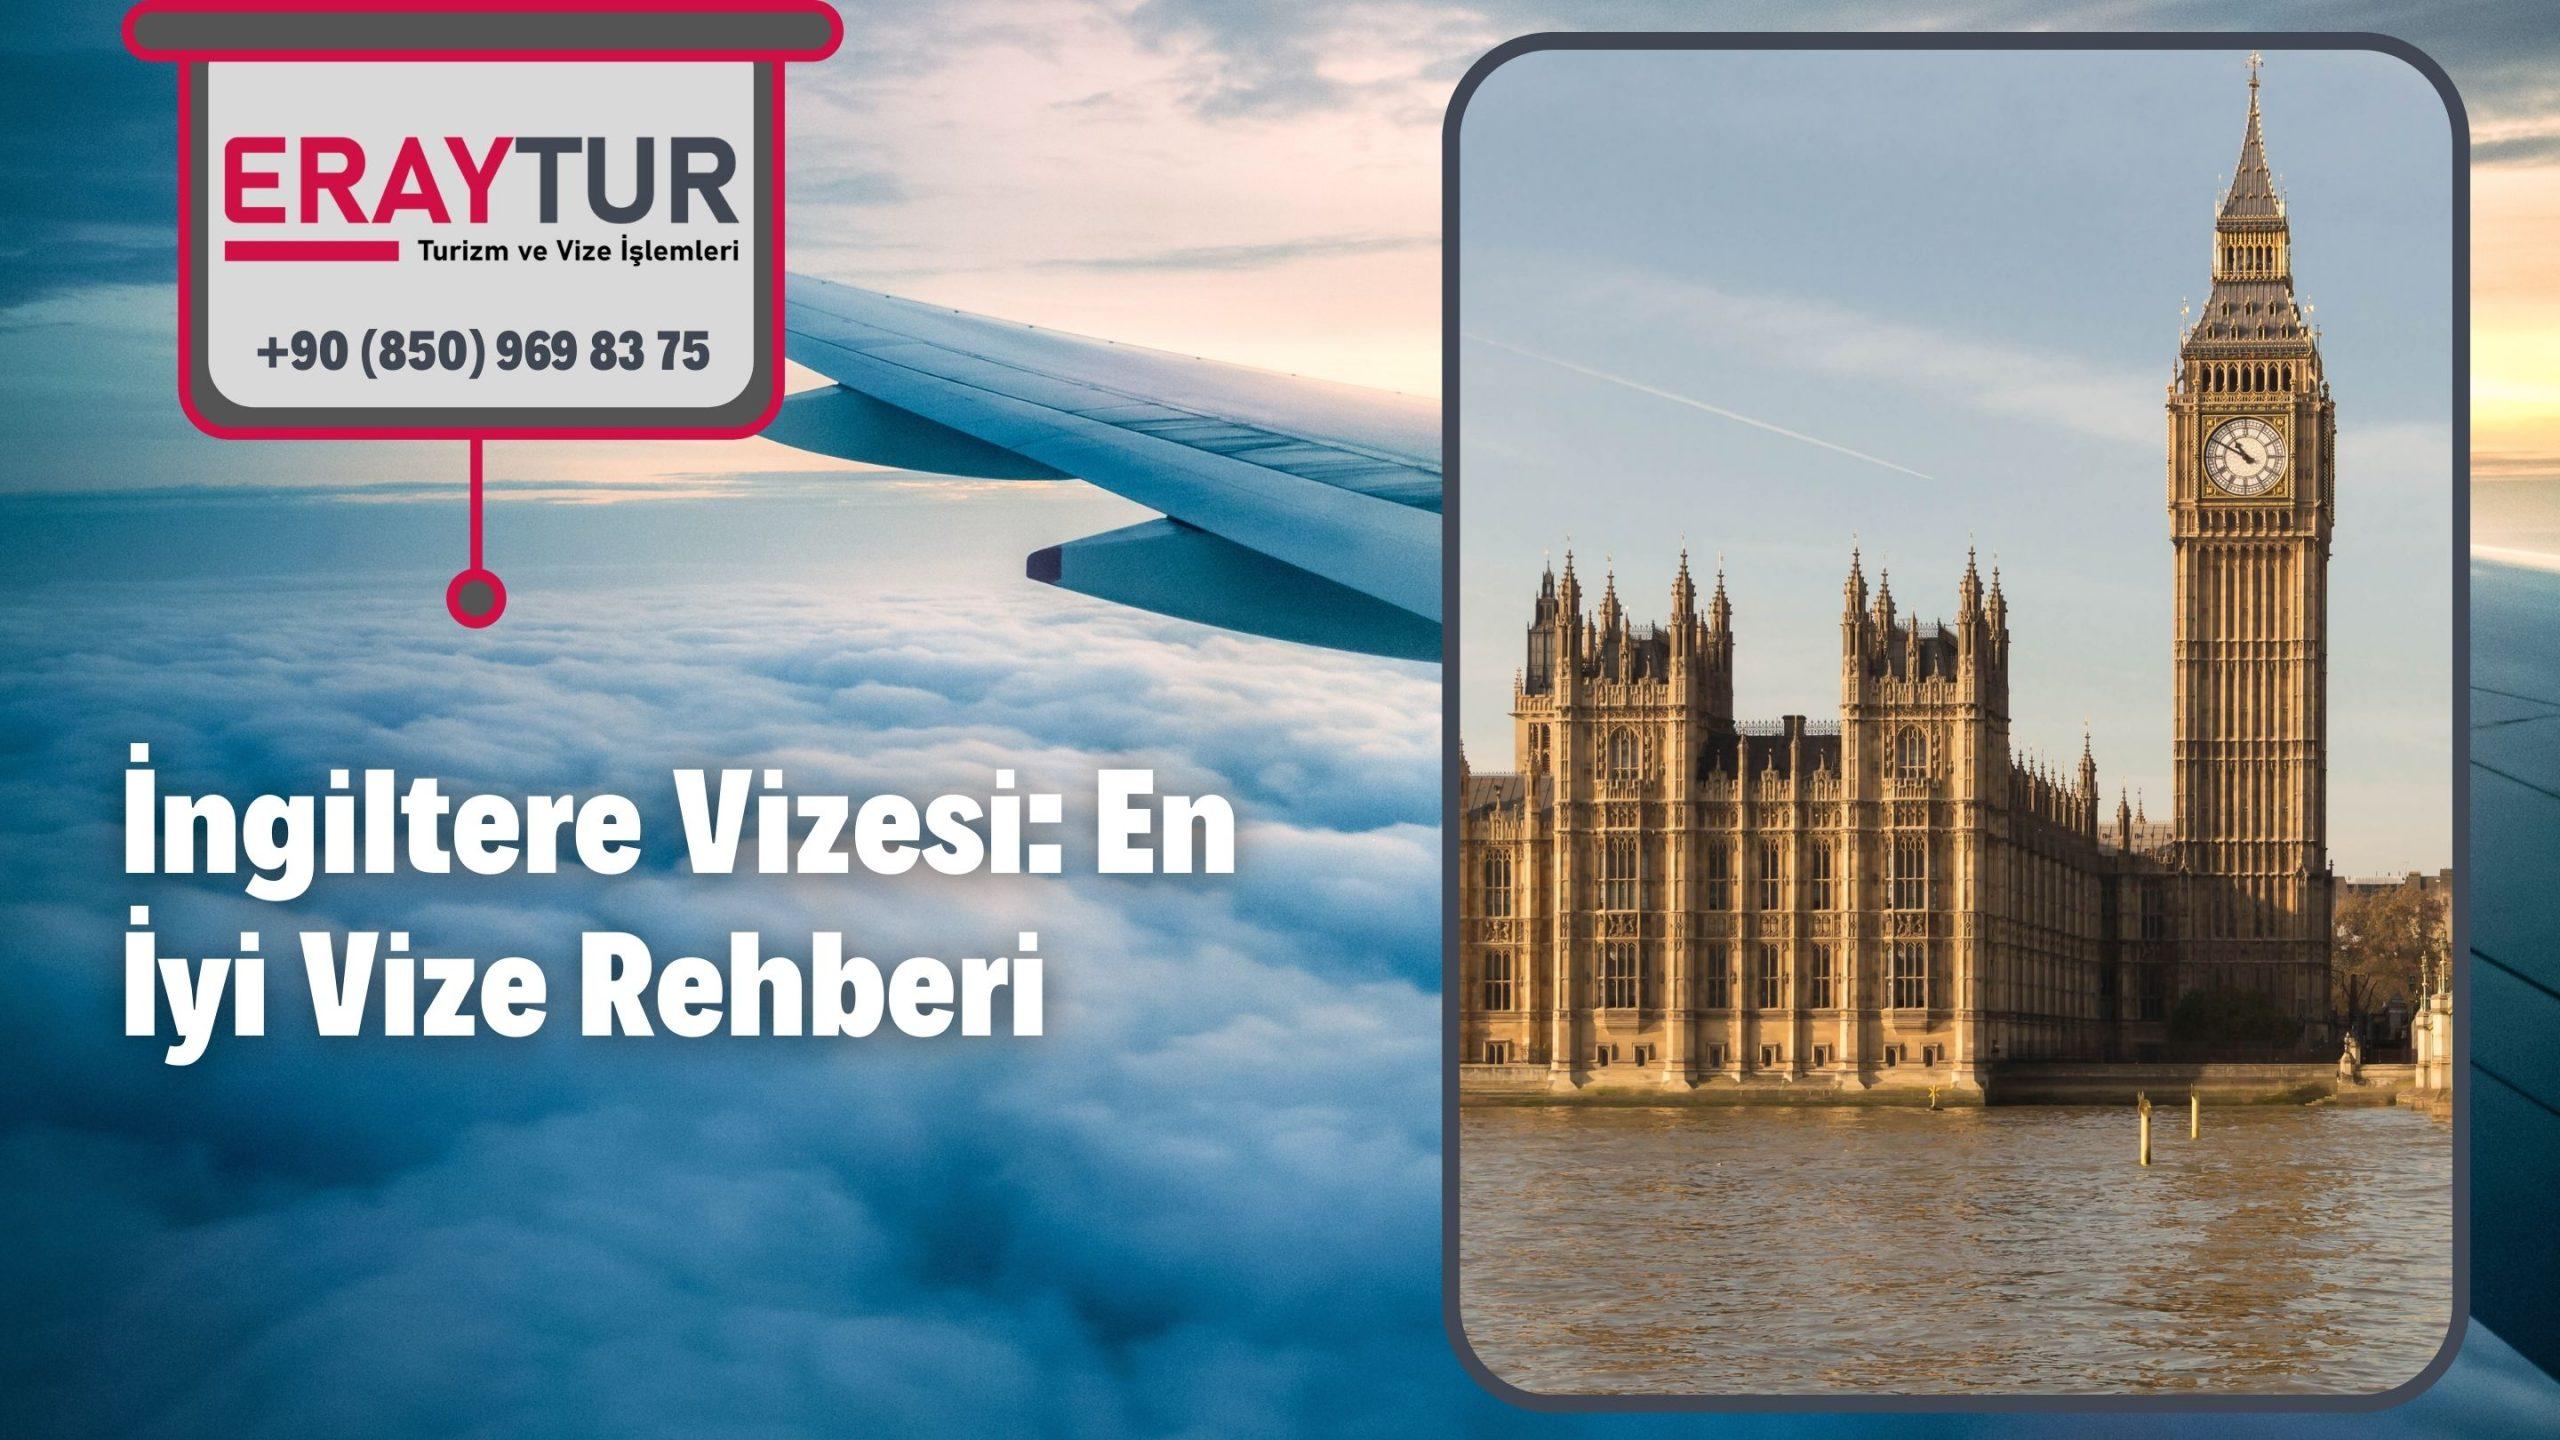 İngiltere Vizesi: En İyi Vize Rehberi 2021